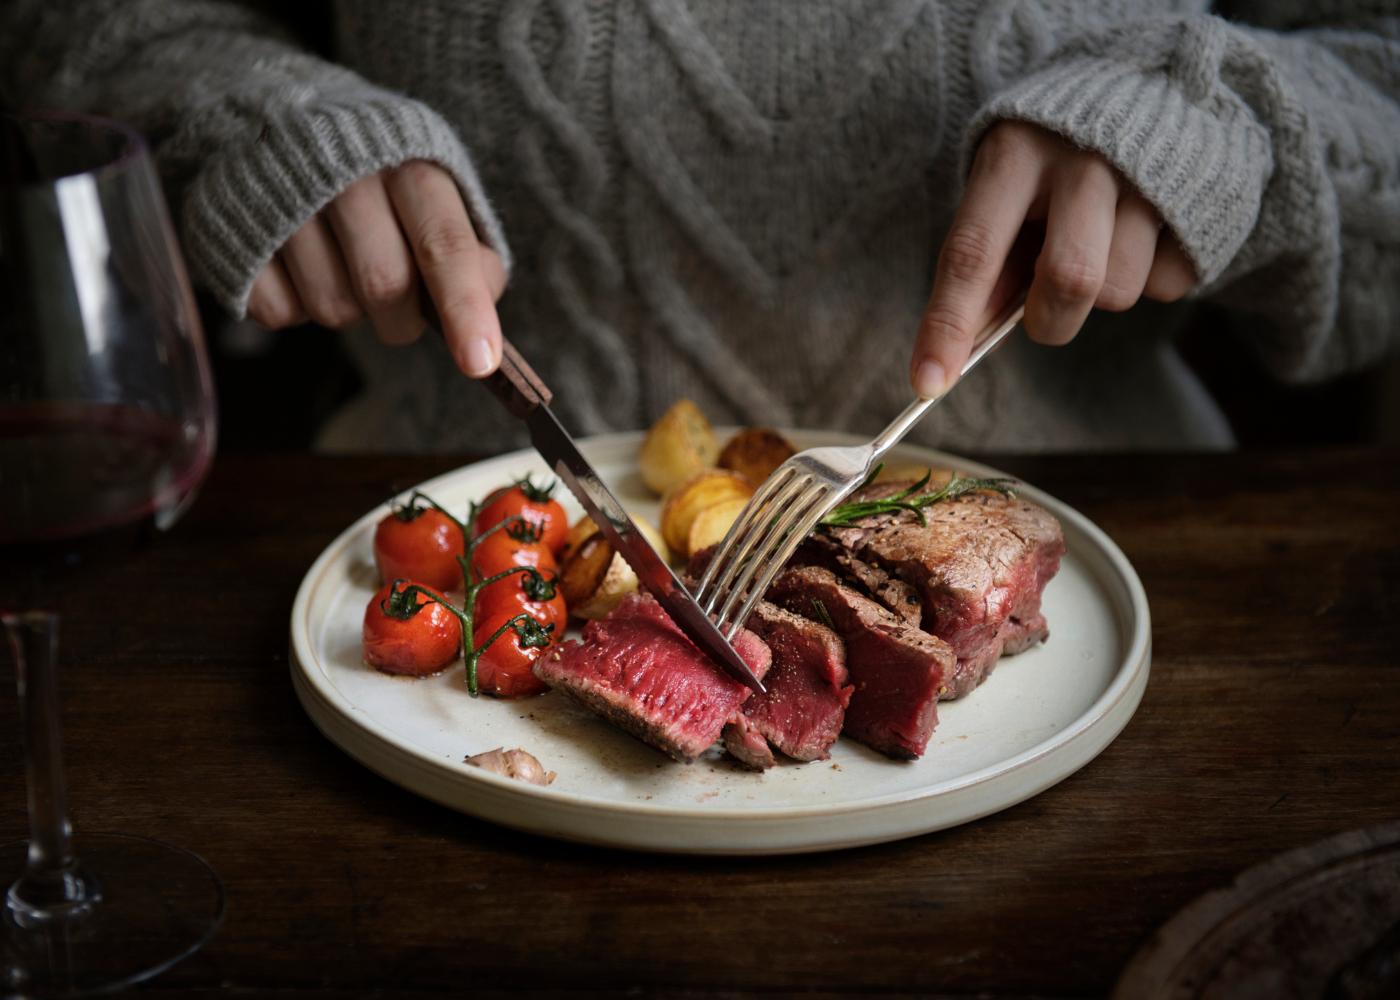 colite e alimentacao carne no prato